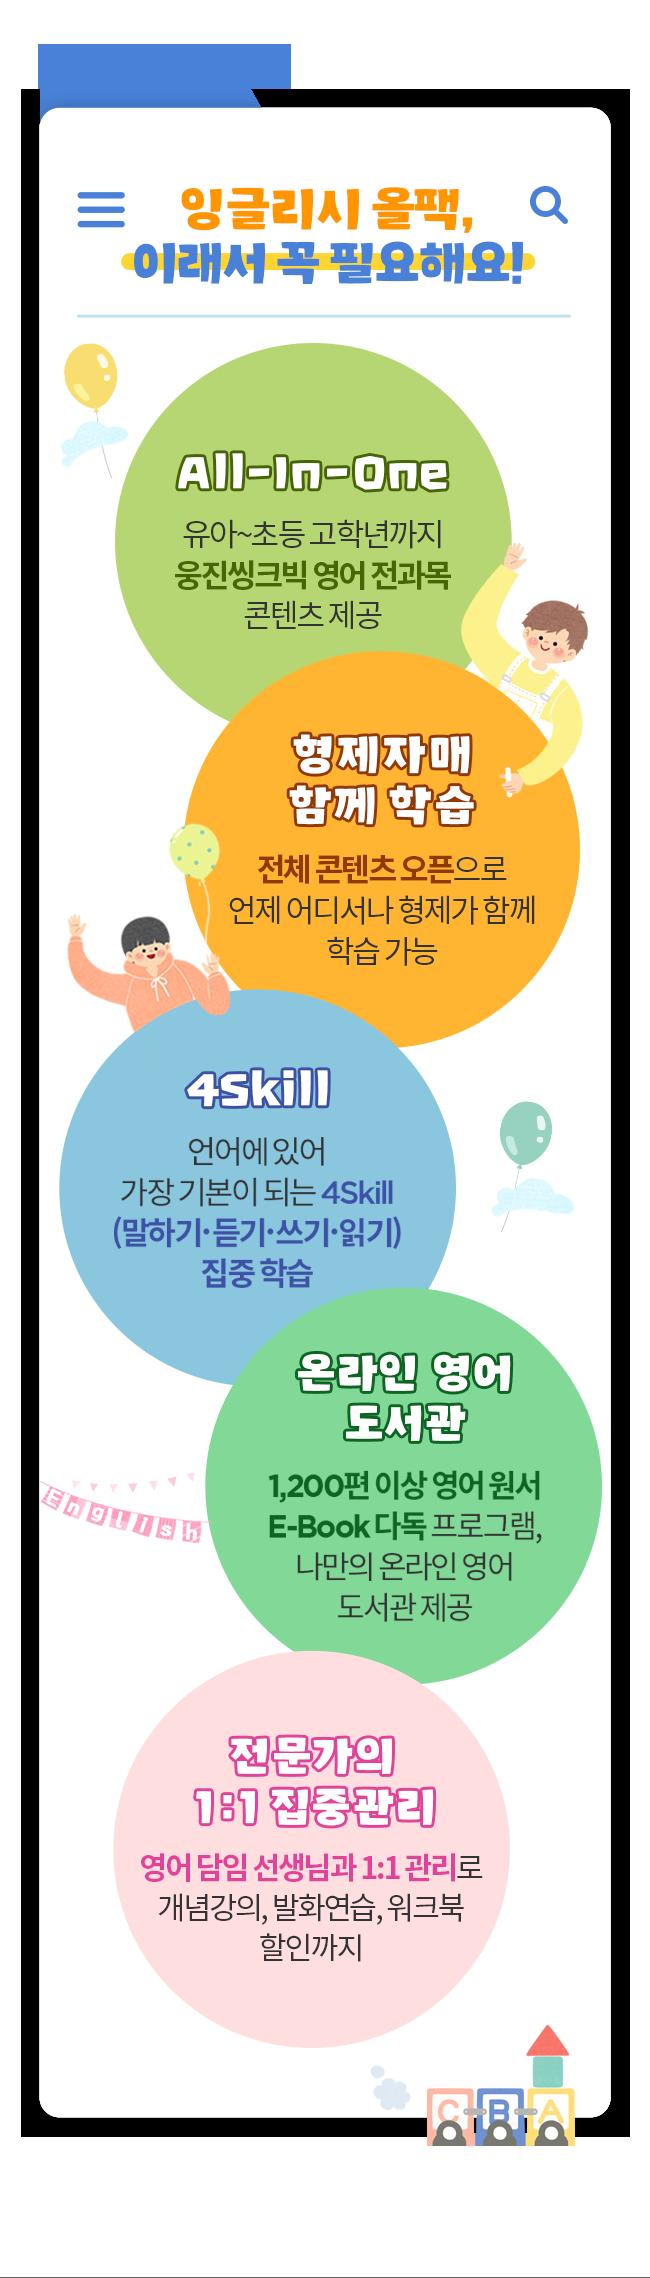 잉글리시 올팩, 이래서 꼭 필요해요! All-In-One 유아-초등 고학년까지 웅진씽크빅 영어 전과목 콘텐츠 제공 형제자매 함께 학습 전체 콘텐츠 오픈으로 언제 어디서나 형제가 함께 학습 가능 4Skill 언어에 있어 가장 기본이 되는 4Skill(말하기, 듣기, 쓰기, 읽기) 집중 학습 온라인 영어 도서관 1,200편 이상 영어 원서 E-Book 다독 프로그램, 나만의 온라인 영어 도서관 제공 전문가의 1:1 집중관리 영어 담임 선생님과 1:1관리로 개념강의, 발화연습, 워크북 할인까지